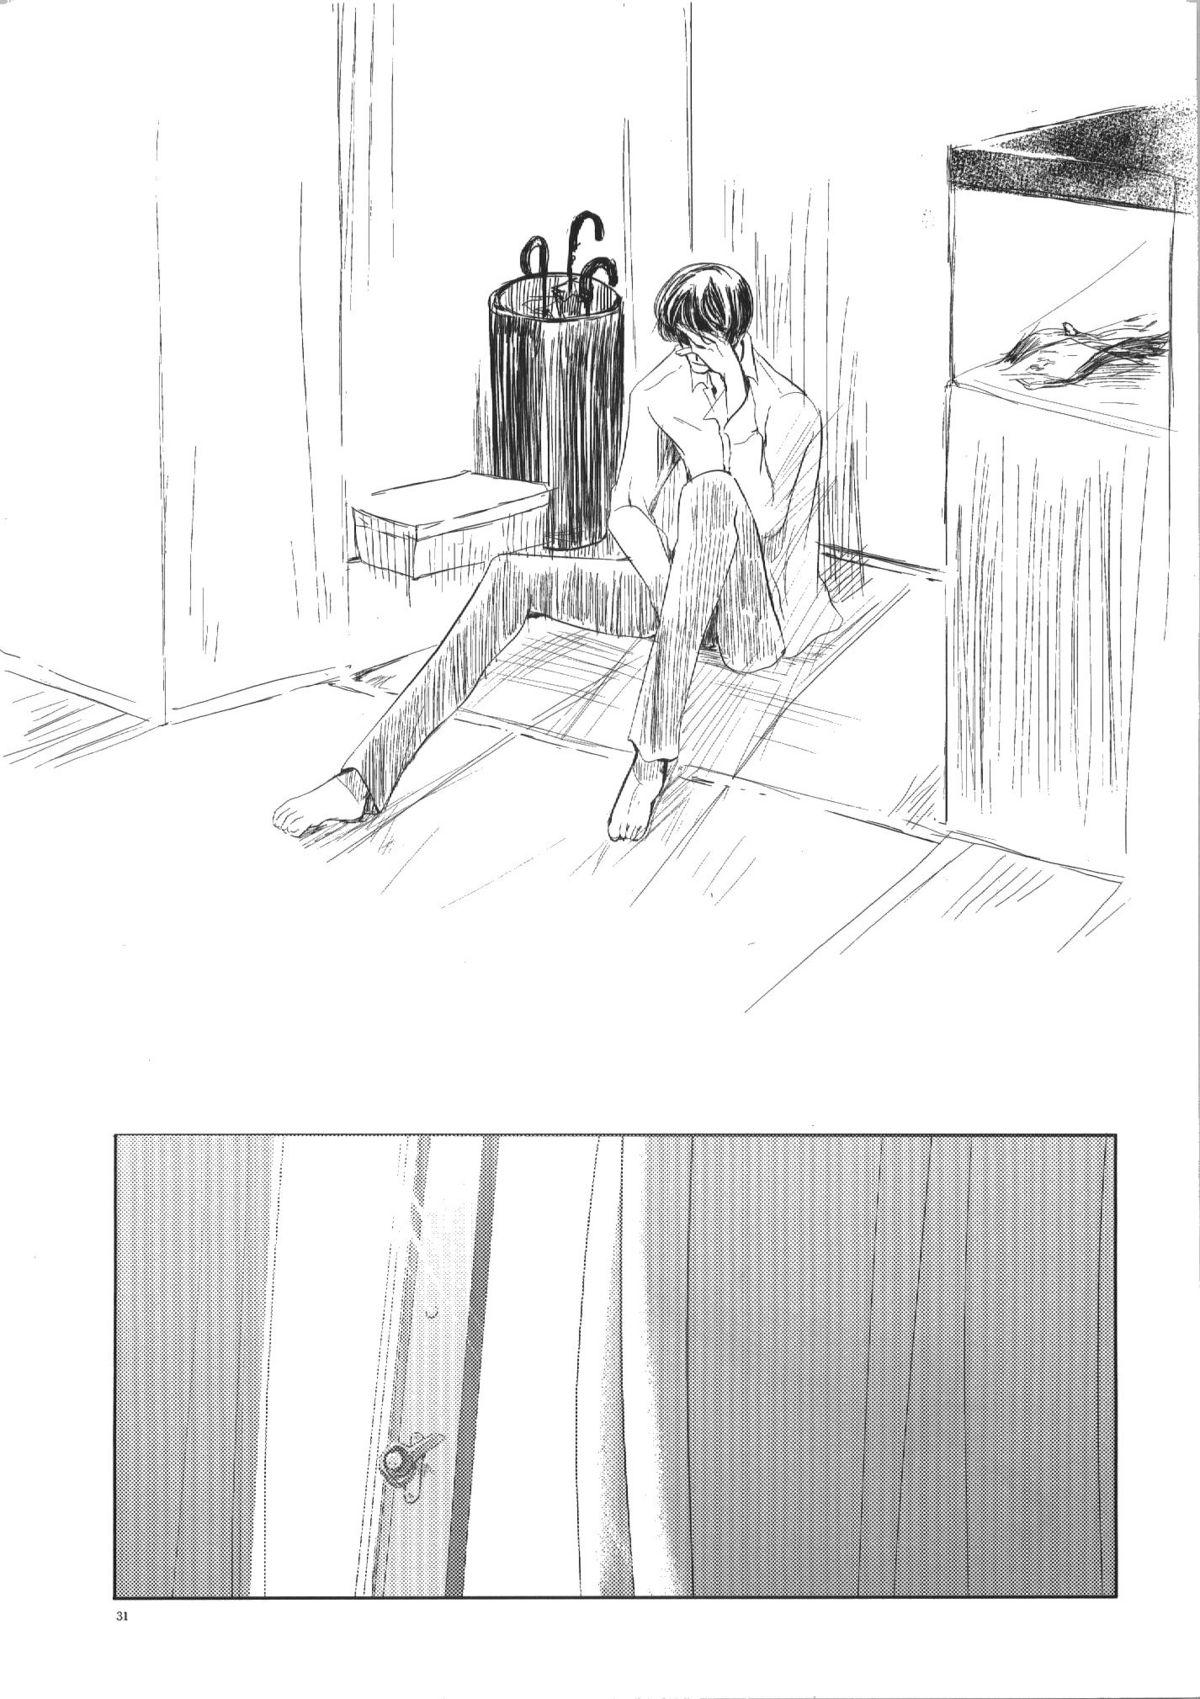 Seiten 30